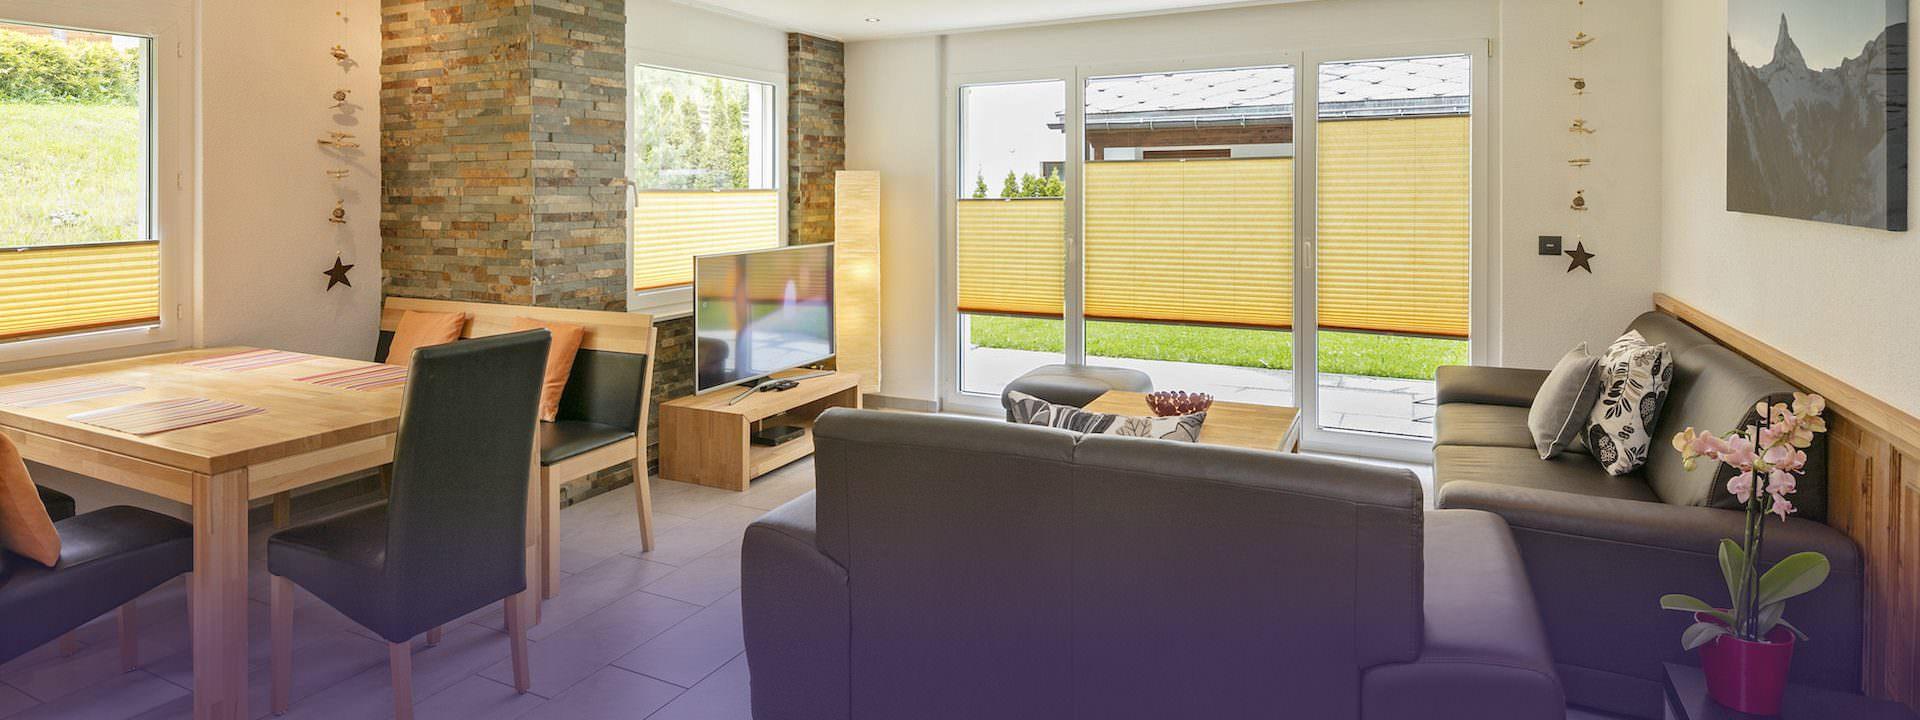 zanana nr 1 4 bett 3 zimmer ferienwohnung biner. Black Bedroom Furniture Sets. Home Design Ideas